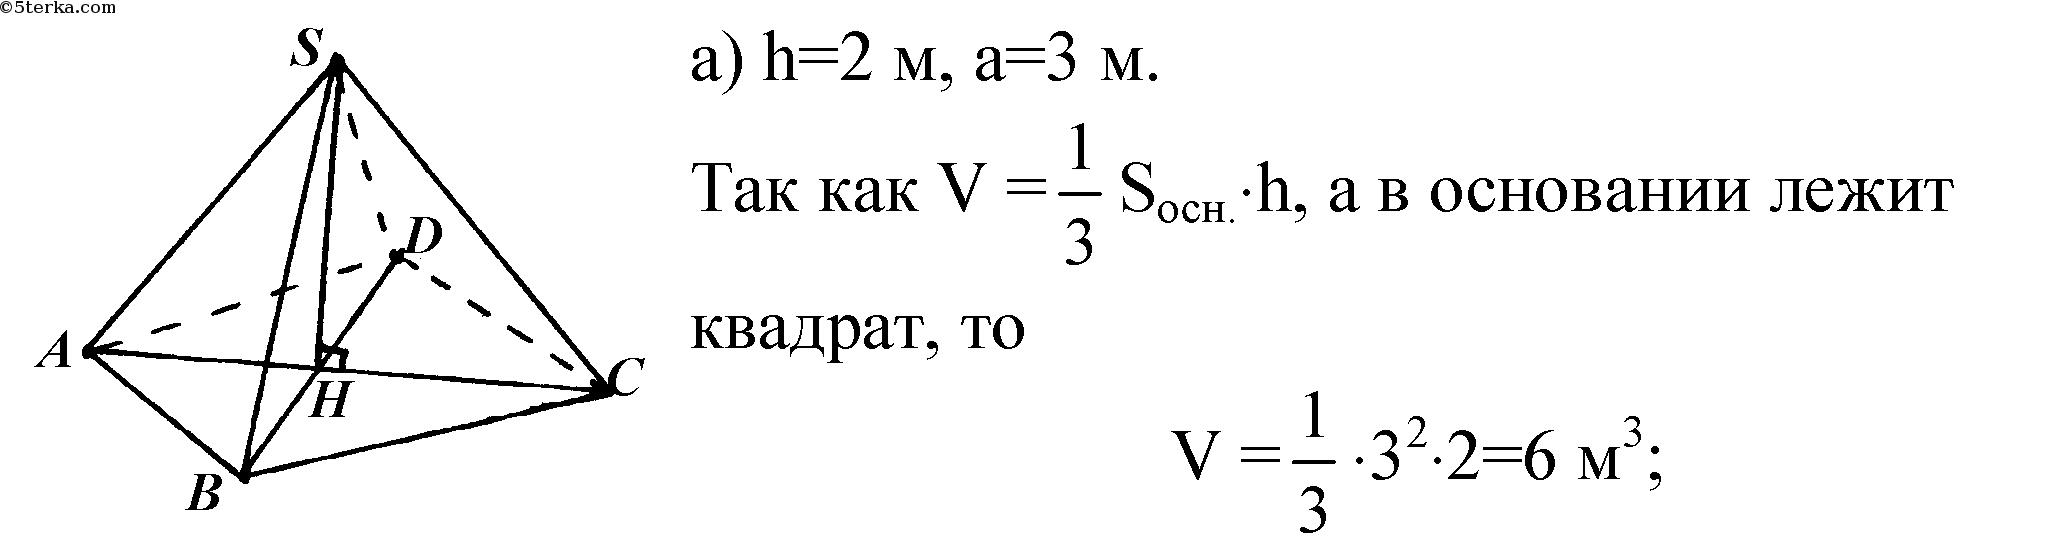 Решебник по Геометрии 8 Класс Атанасян Спиши.ру